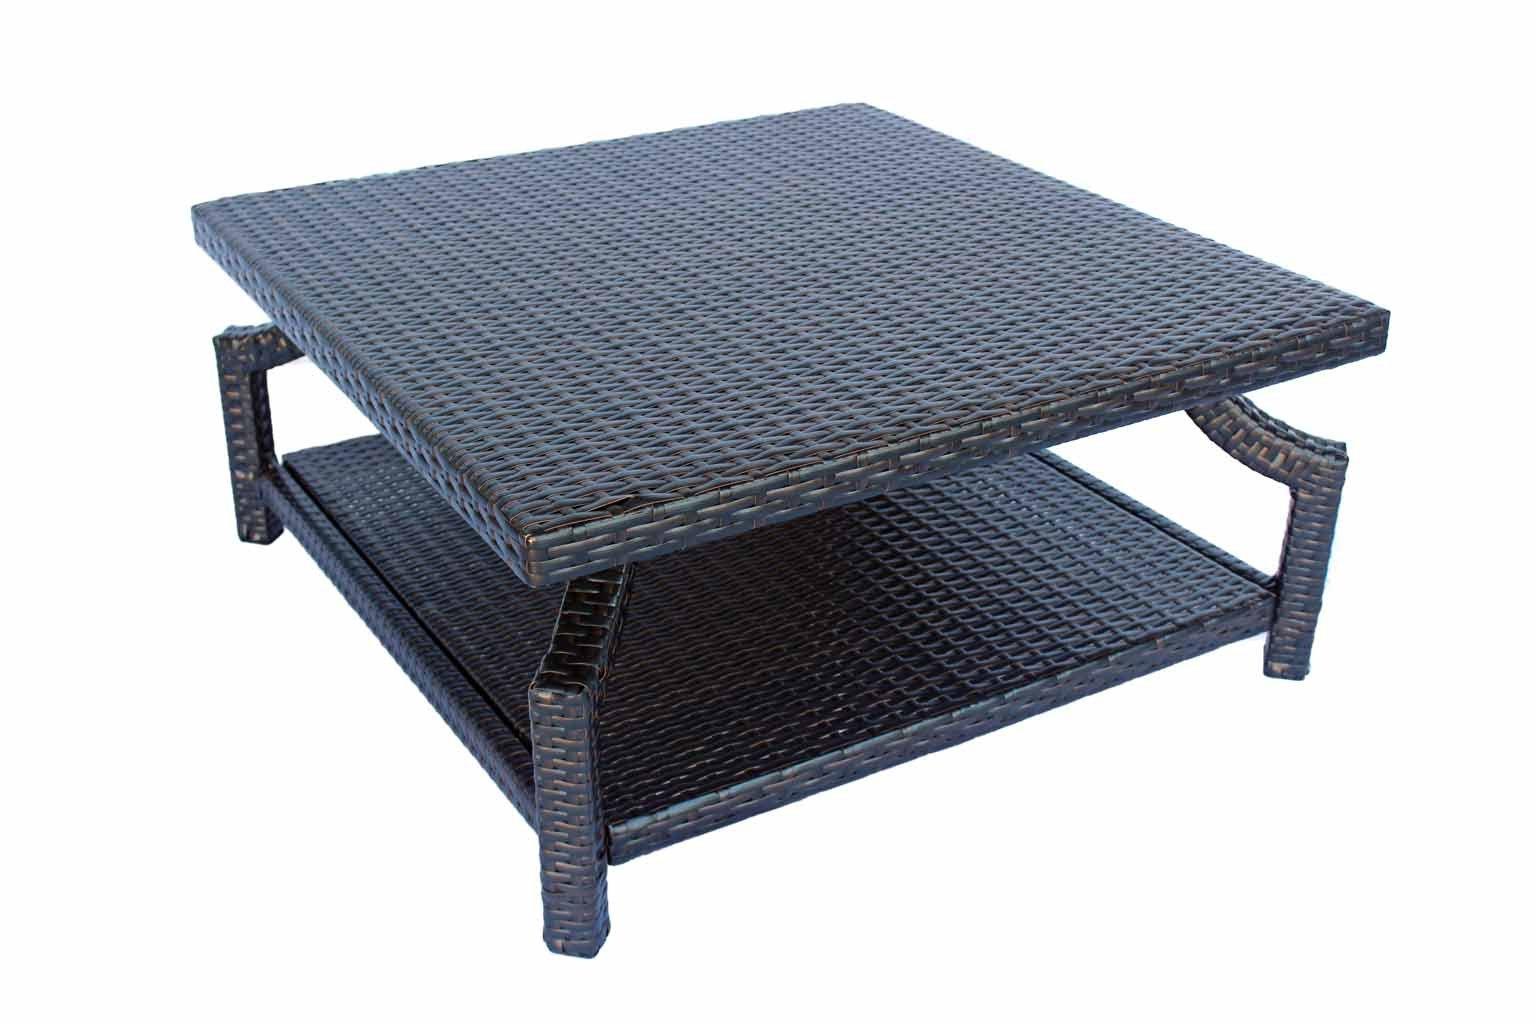 Dola Patio Square Coffee Table Double Dark Espresso Brown Wicker Measuring 35 x 35 x 16-Inches. Patio Furniture Coffee Table With 2 Shelves (Dark Brown)